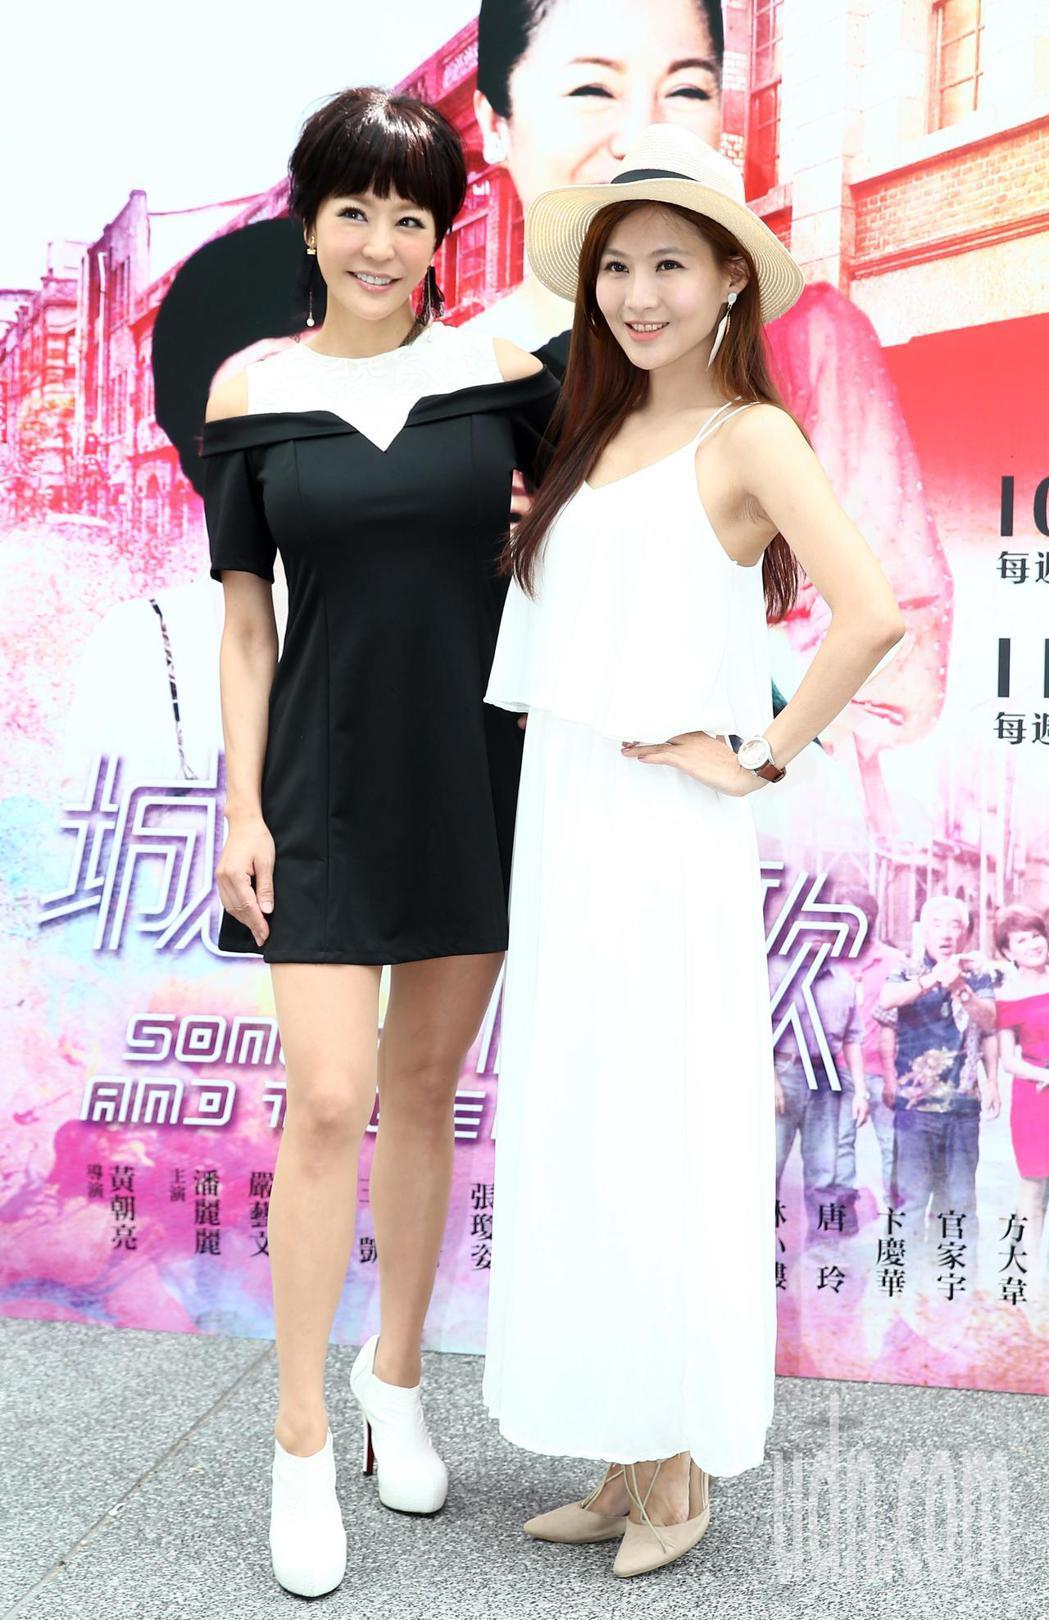 唐玲(左)與賴培培(右)在《城市情歌》飾演母女檔。記者杜建重/攝影